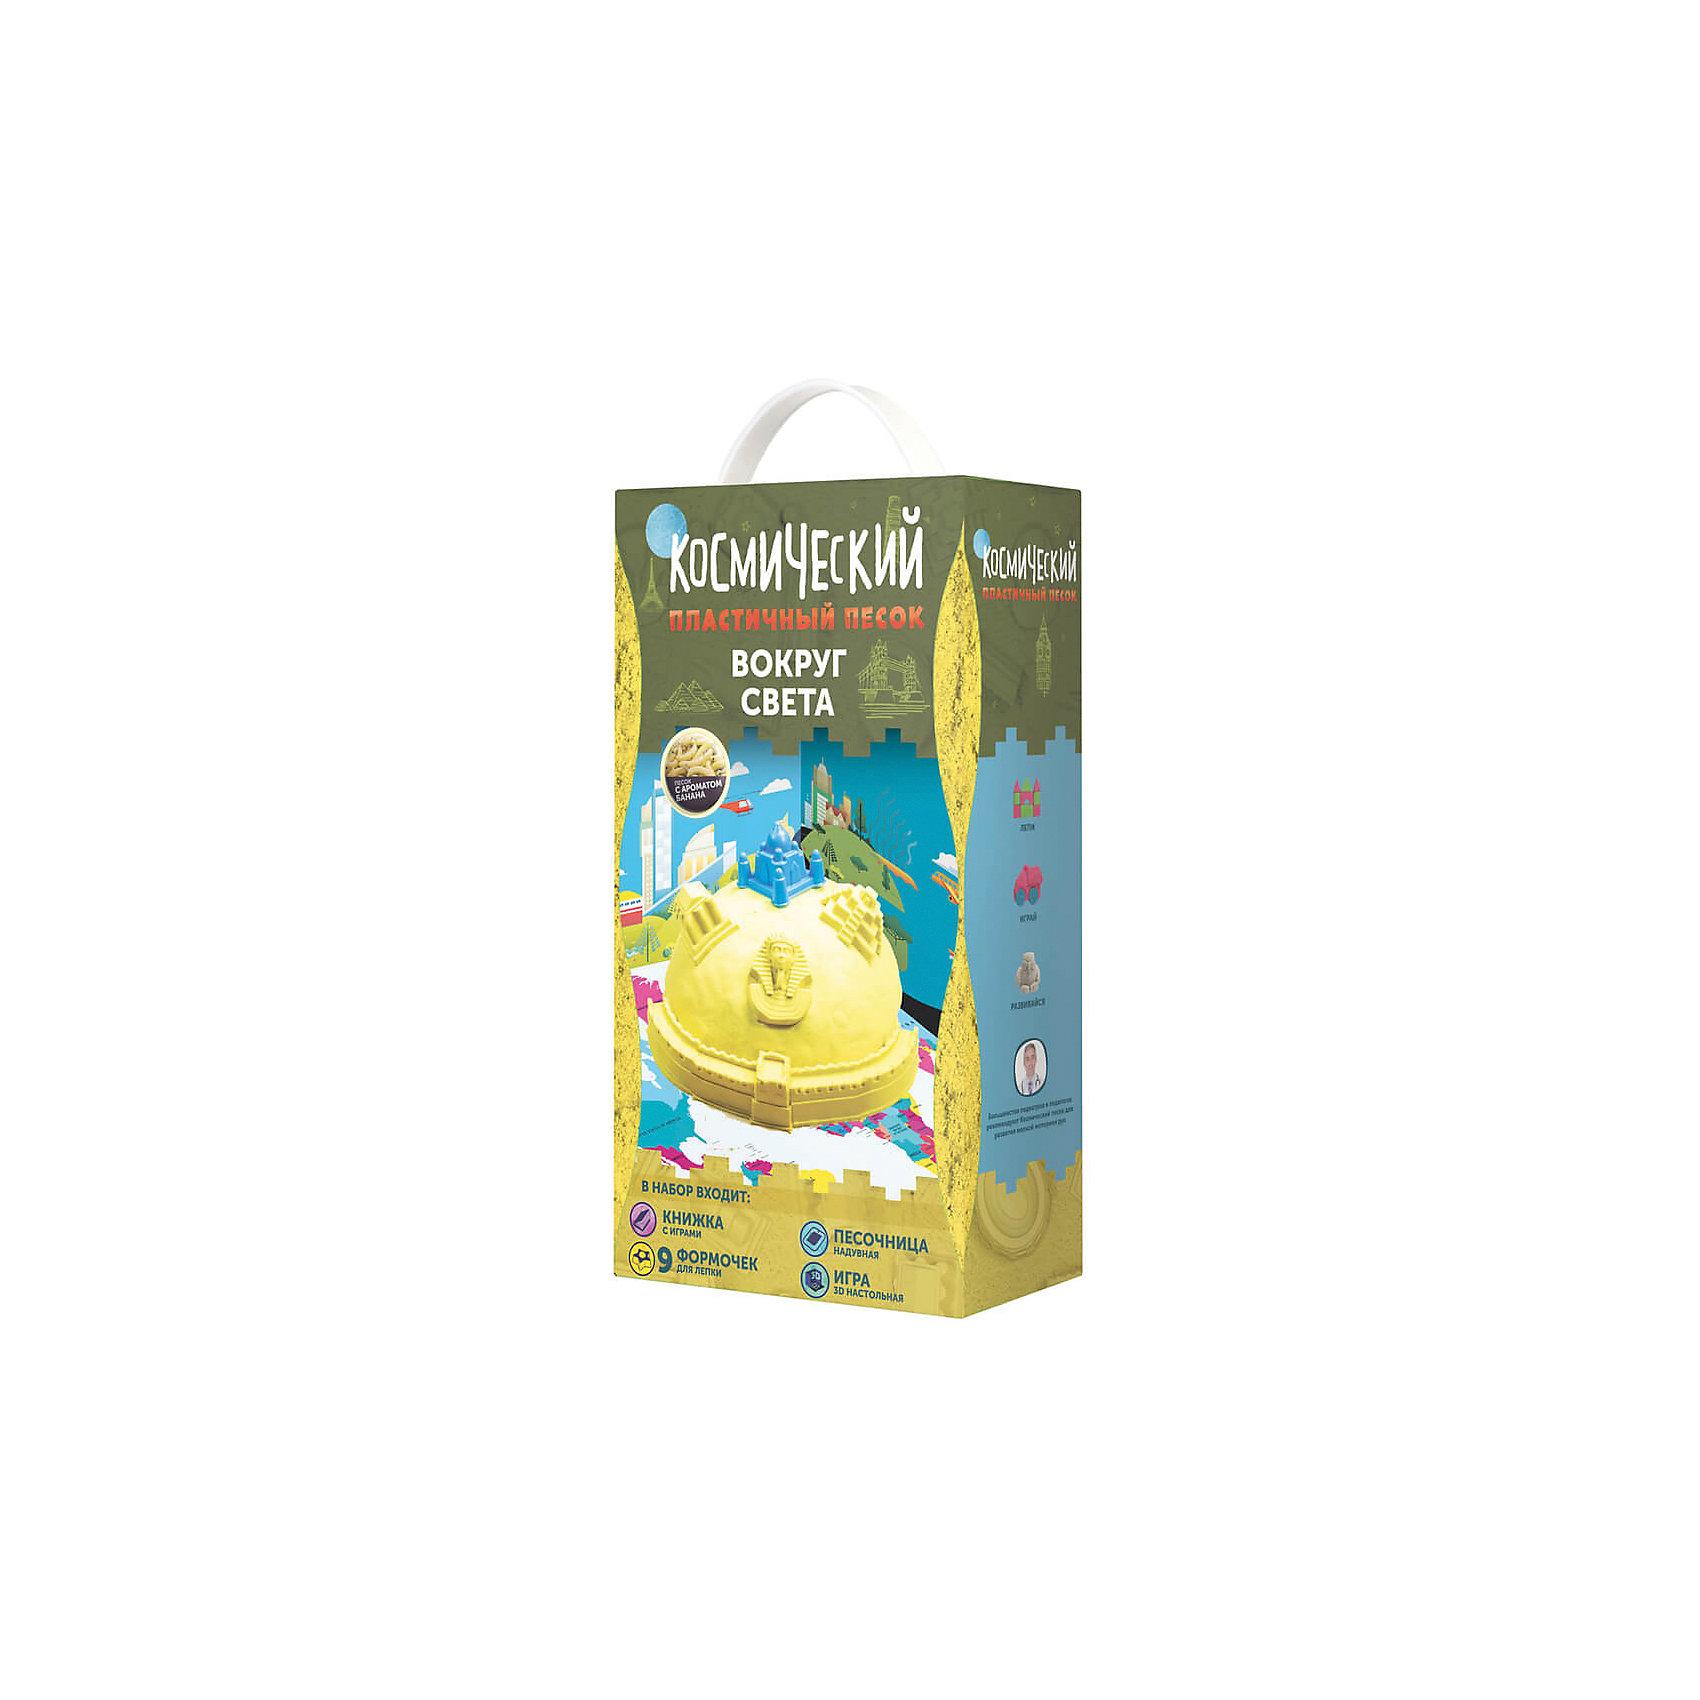 Набор Вокруг света 2 кг, Космический песокХарактеристики товара:<br><br>• цвет: разноцветный<br>• размер упаковки: 16 x 30 x 8 см<br>• вес: 2500 г<br>• комплектация: большая надувная песочница, 2 кг песка розового цвета, 9 формочек для лепки, трехмерная настольная игра, книжка с развивающими играми и пошаговыми инструкциями<br>• песок с запахом банана <br>• подходит для игр дома<br>• возраст: от двух лет<br>• упаковка: коробка<br>• страна бренда: РФ<br>• страна изготовитель: РФ<br><br>Такой набор станет отличным подарком ребенку - ведь с помощью кинетического песка можно создавать фигуры легко и весело! В набор входят целых два килограмма песка и набор для игры с ним дома. Песок легко принимает нужную форму и так же легко распадается на песчинки. Играть можно бесконечно! Песок легко собирается, не красится и оставляет пятен на одежде.<br>Детям очень нравится что-то делать своими руками. Кроме того, творчество помогает детям развивать важные навыки и способности, оно активизирует мышление, формирует усидчивость, творческие способности, мелкую моторику и воображение. Изделие производится из качественных и проверенных материалов, которые безопасны для детей.<br><br>Набор Вокруг света 2 кг, от бренда Космический песок можно купить в нашем интернет-магазине.<br><br>Ширина мм: 160<br>Глубина мм: 85<br>Высота мм: 300<br>Вес г: 2500<br>Возраст от месяцев: 36<br>Возраст до месяцев: 84<br>Пол: Унисекс<br>Возраст: Детский<br>SKU: 5168931